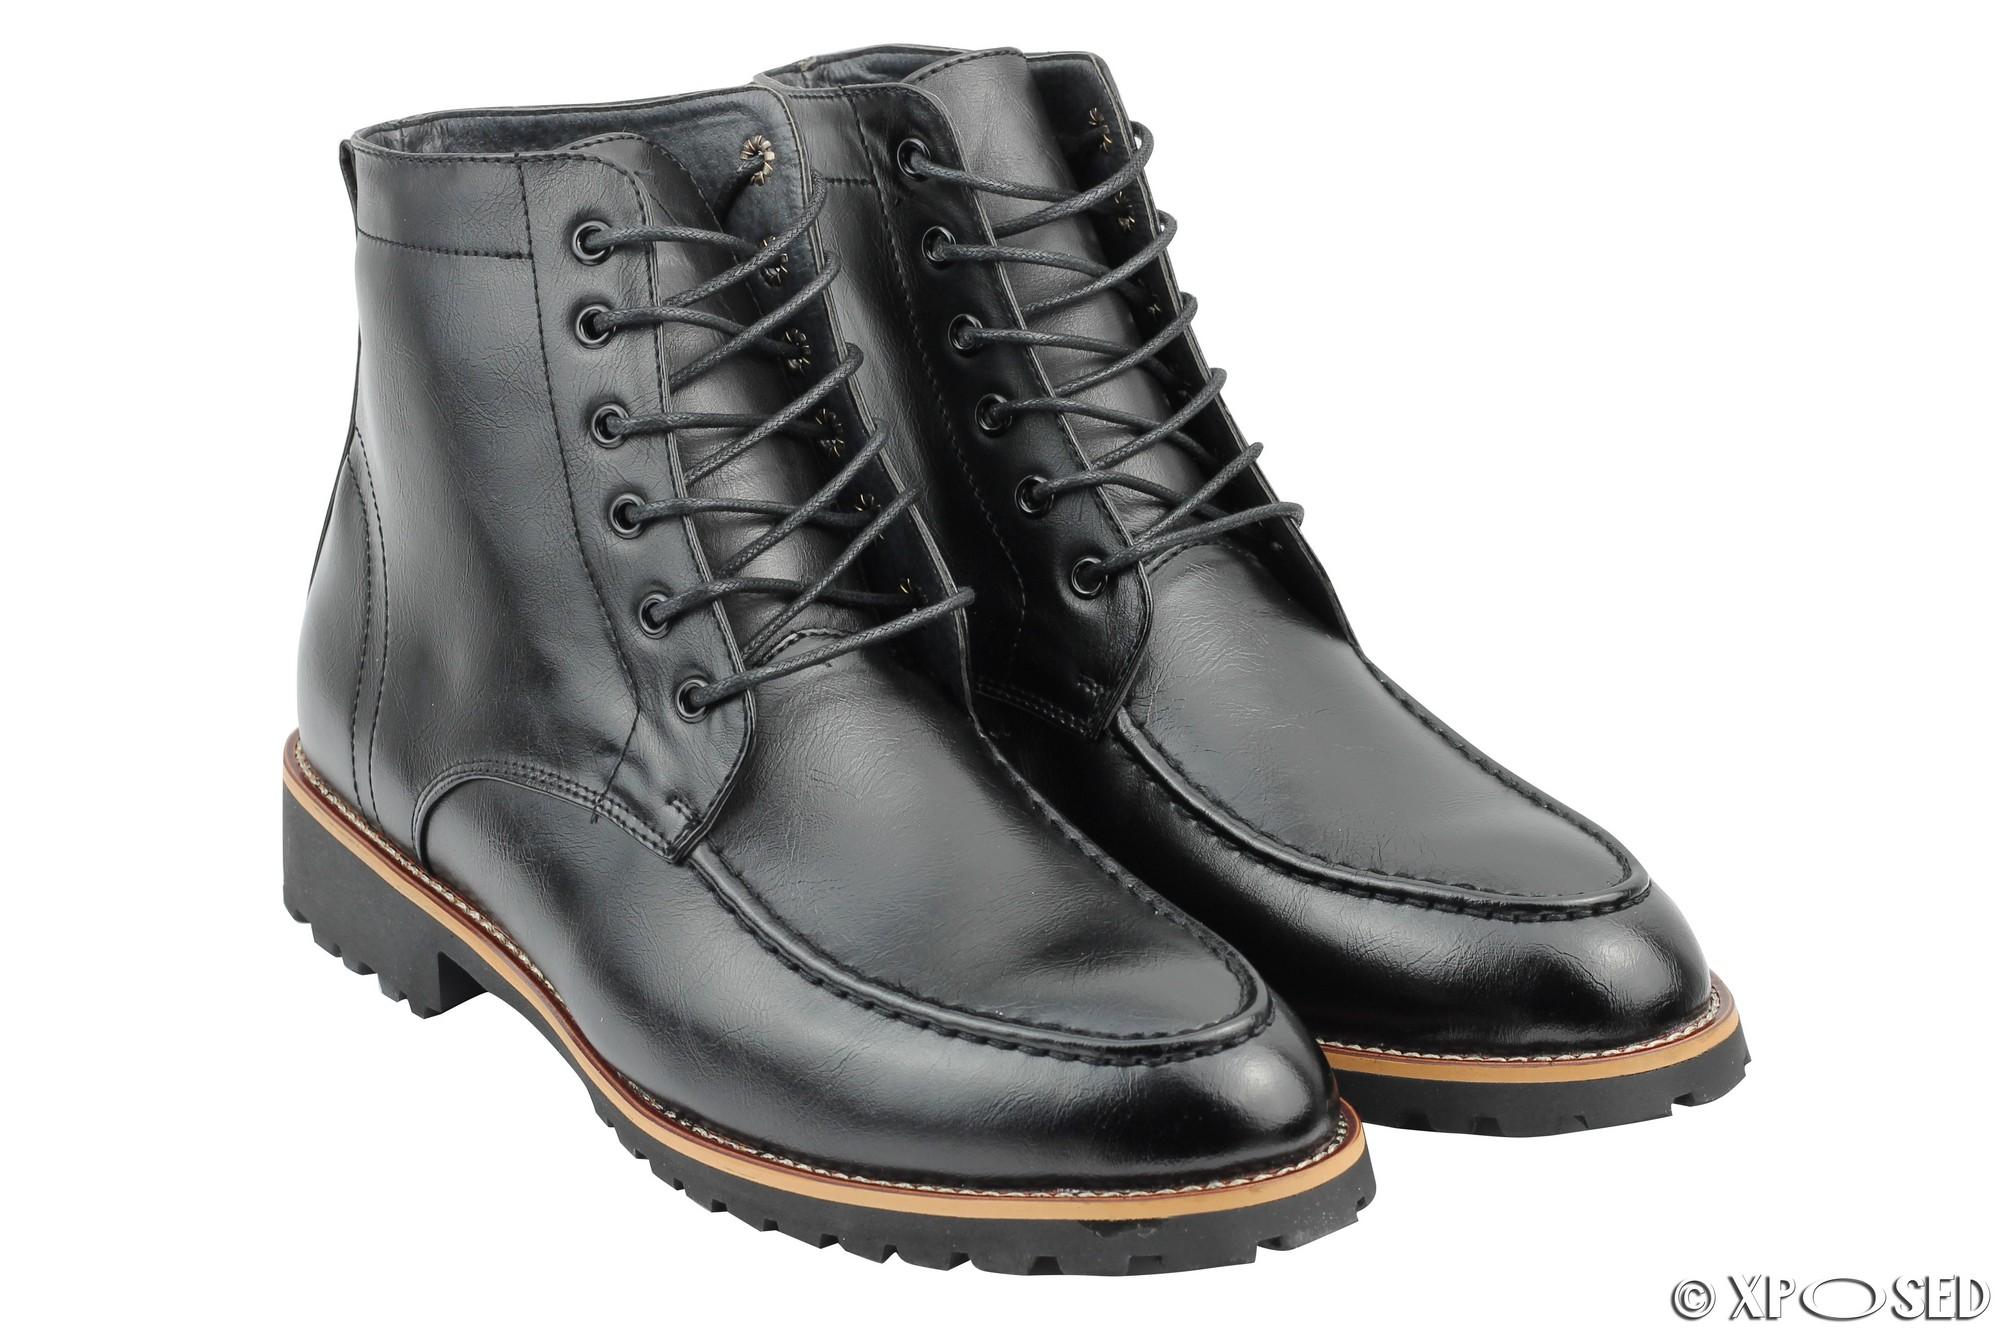 Pvc Shoes Zip Lace Up